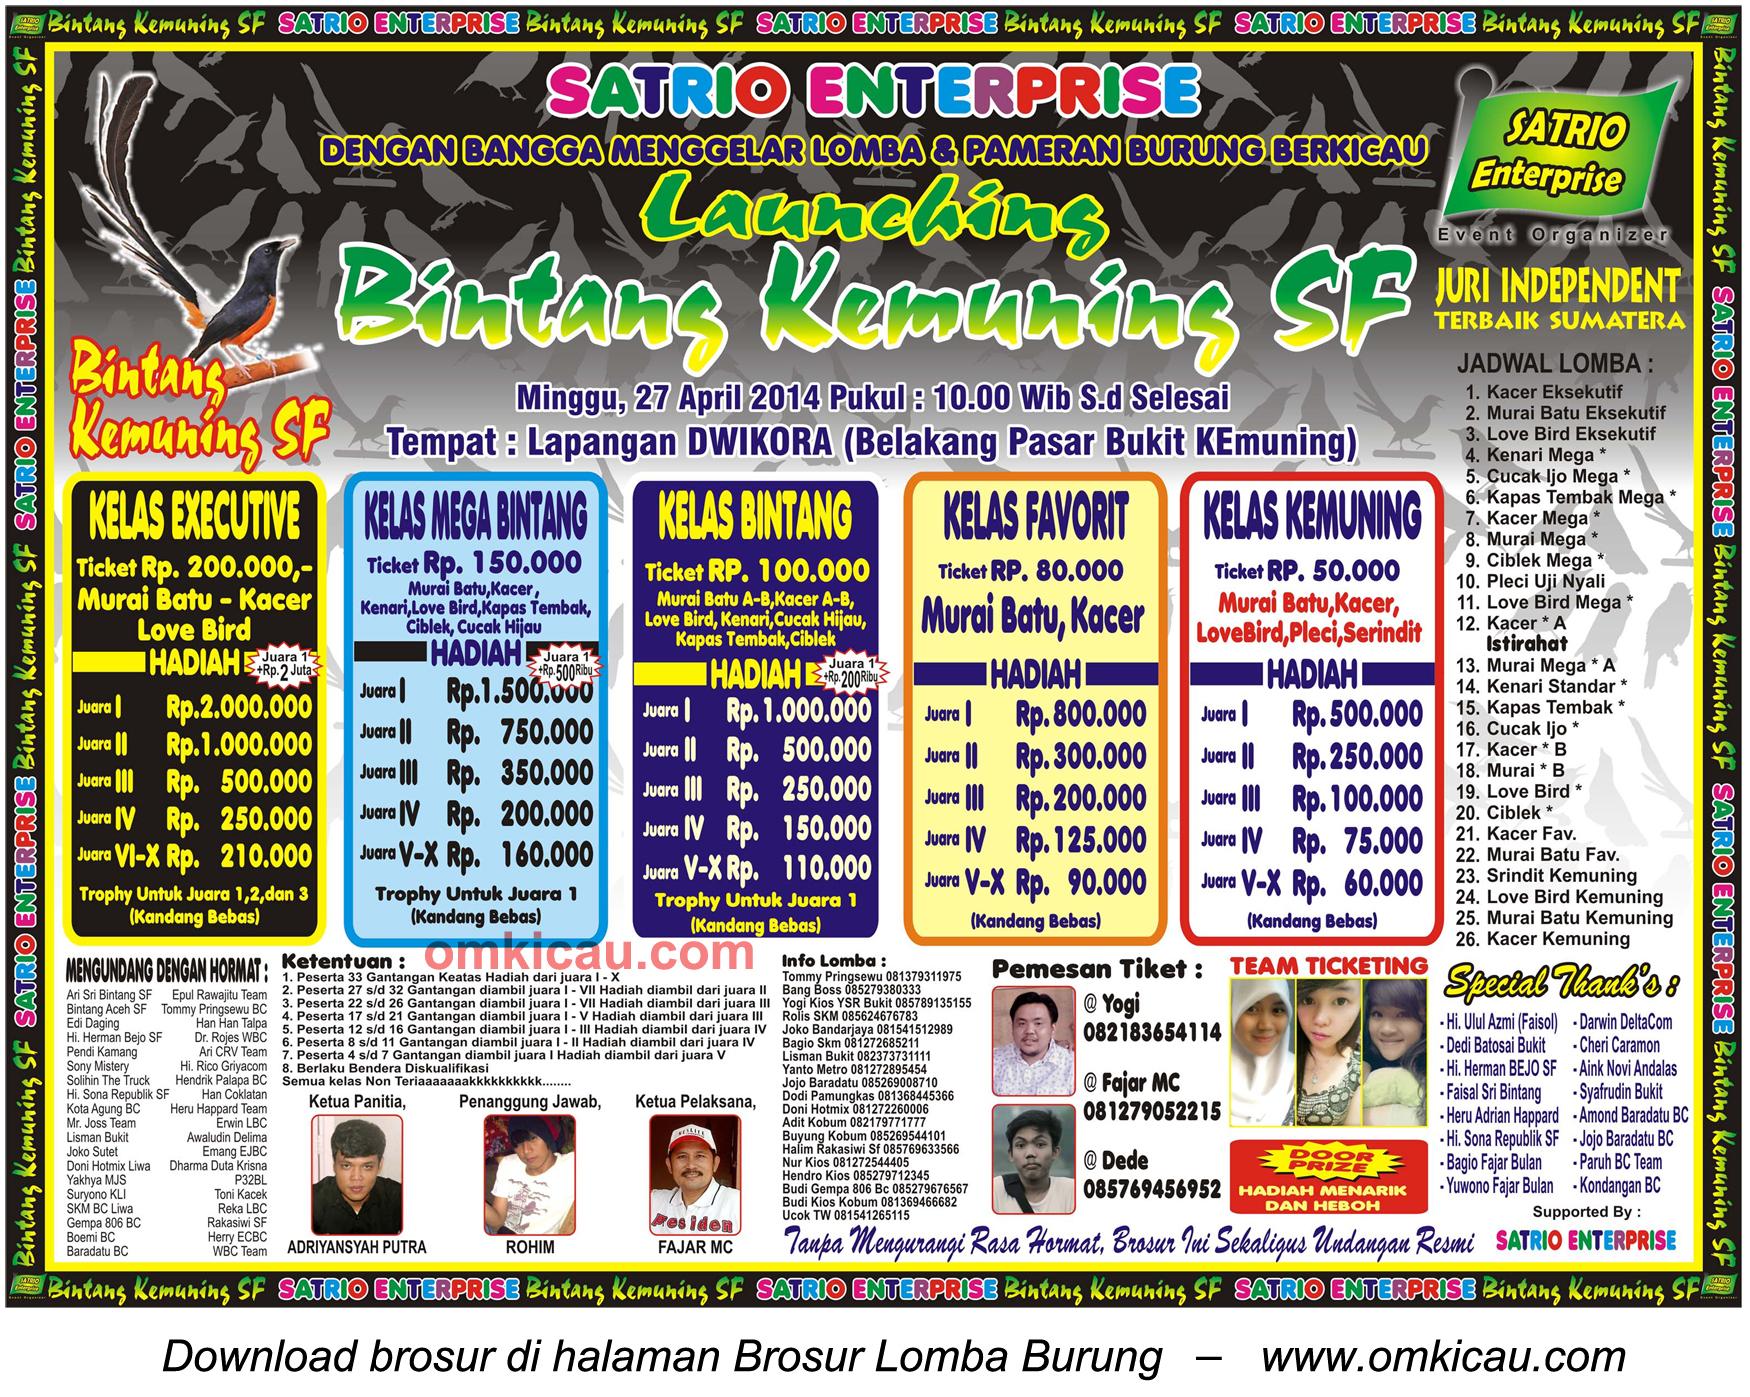 Brosur Lomba Burung Launching Bintang Kemuning SF, Lampung Utara, 27 April 2014